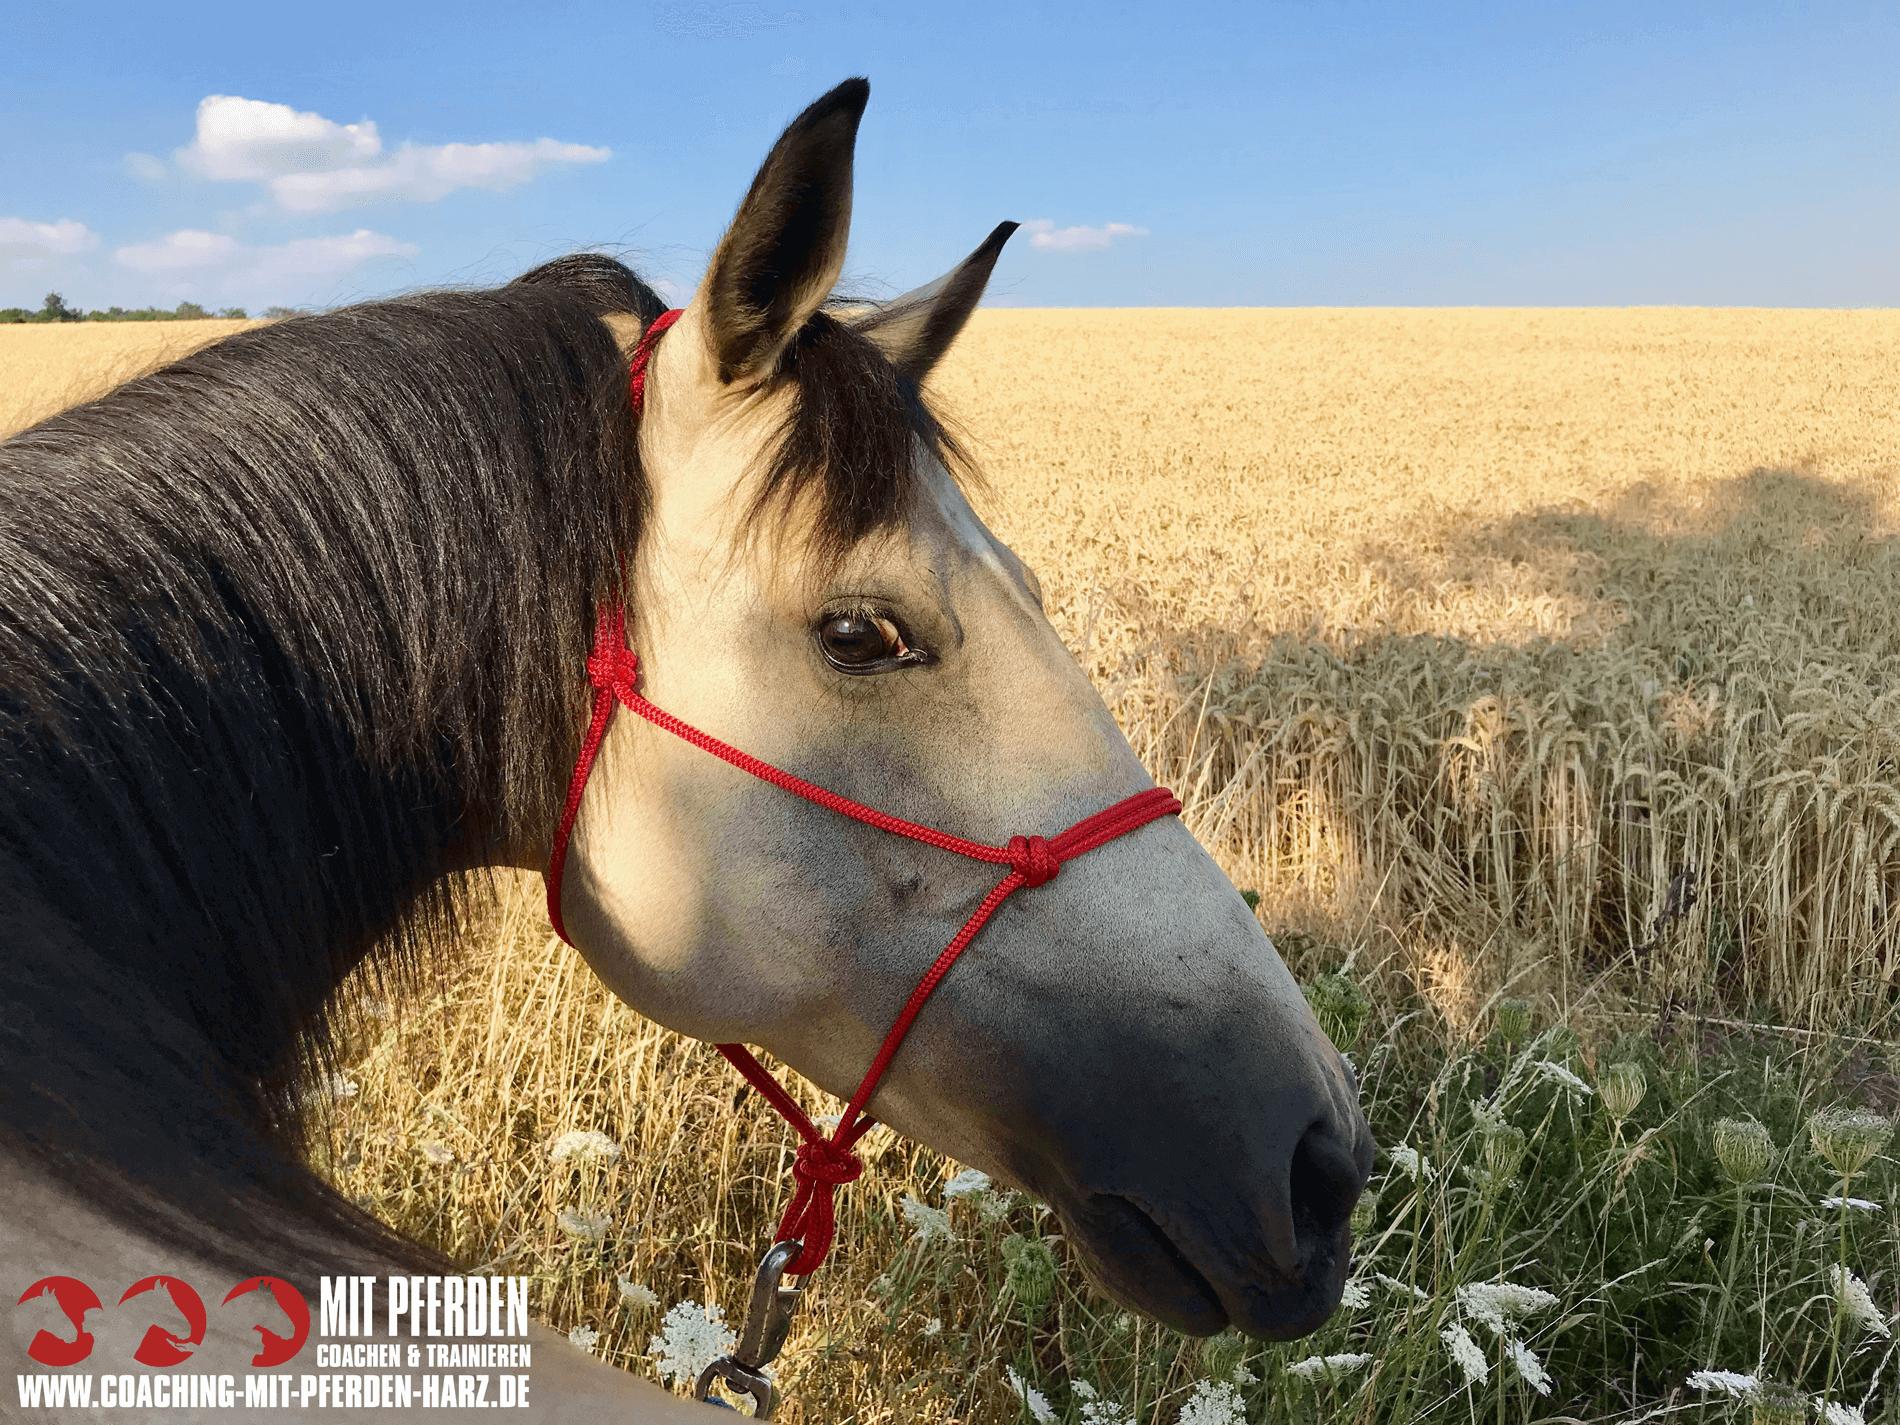 Führung (neu) erleben | Coaching mit Pferden Harz